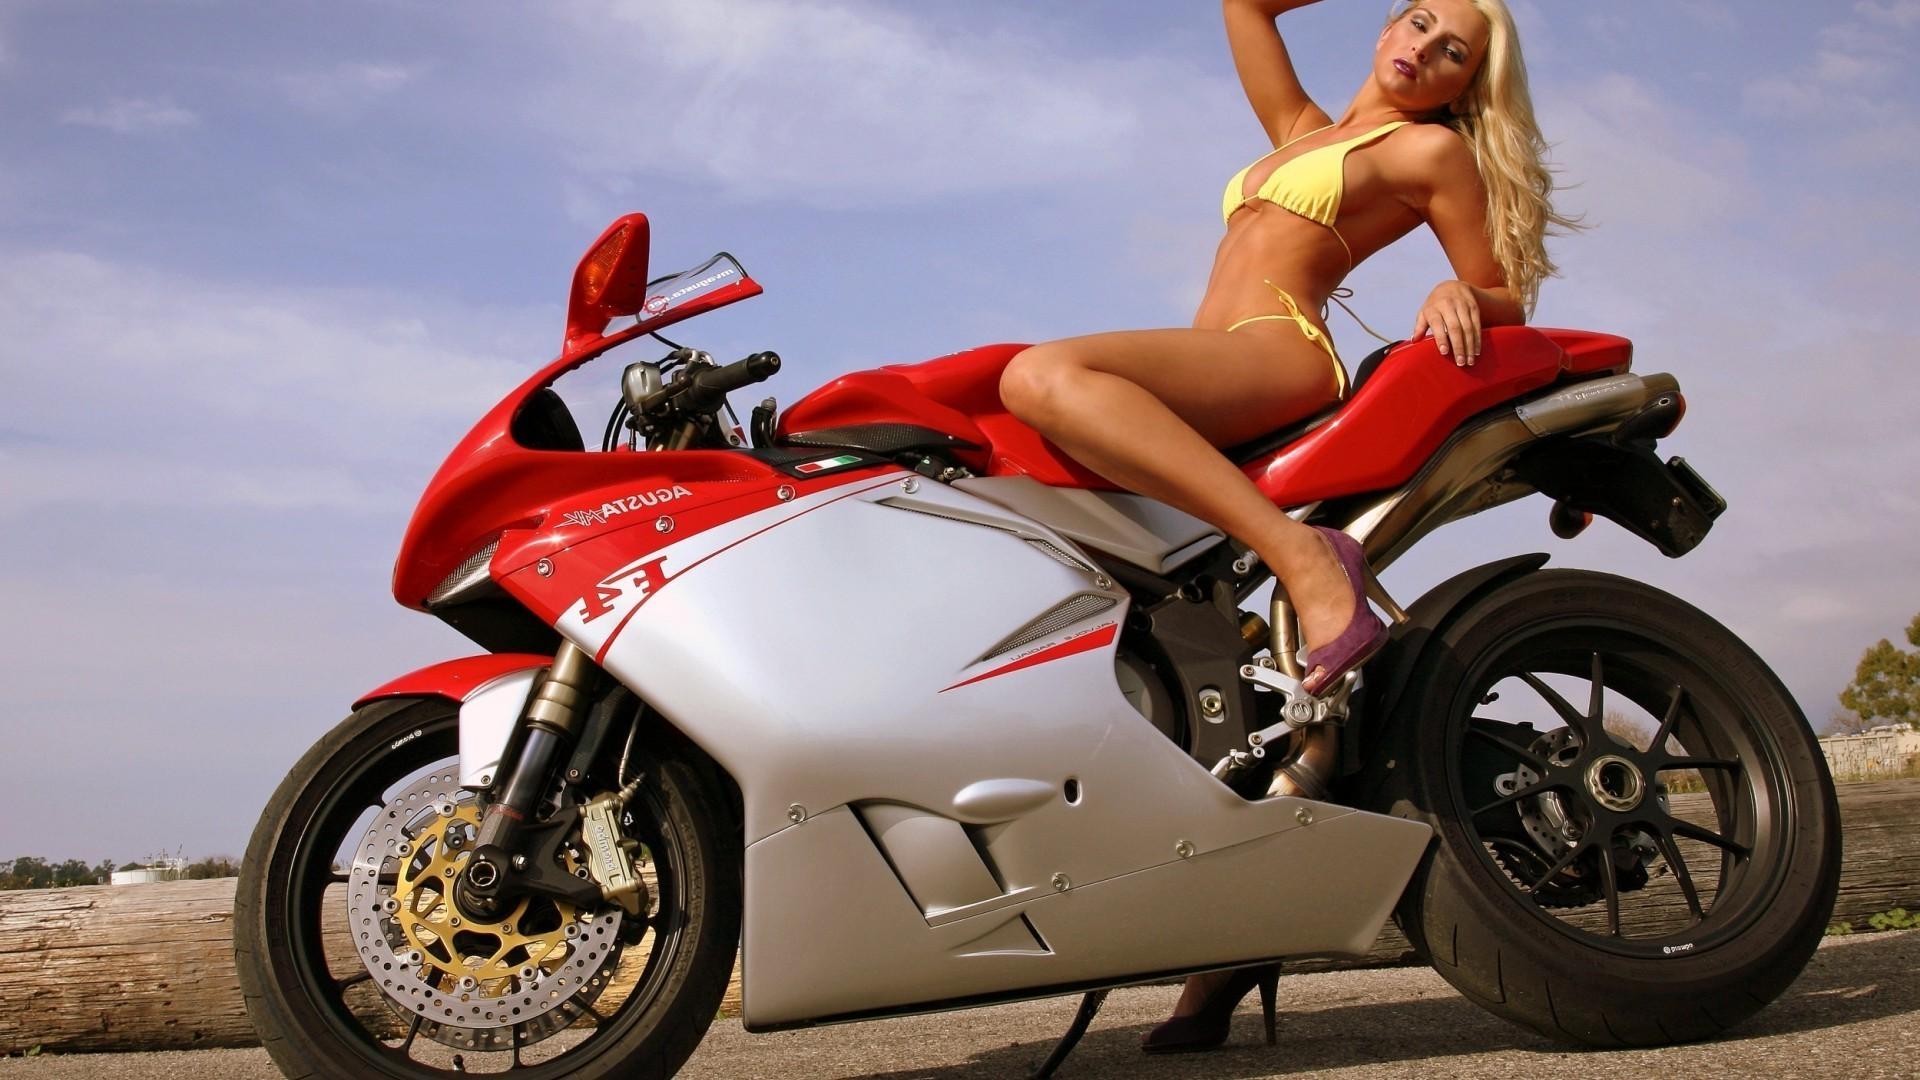 Фото девушек на байках, Прекрасные девушки на шикарных мотоциклах (80 фото) 23 фотография